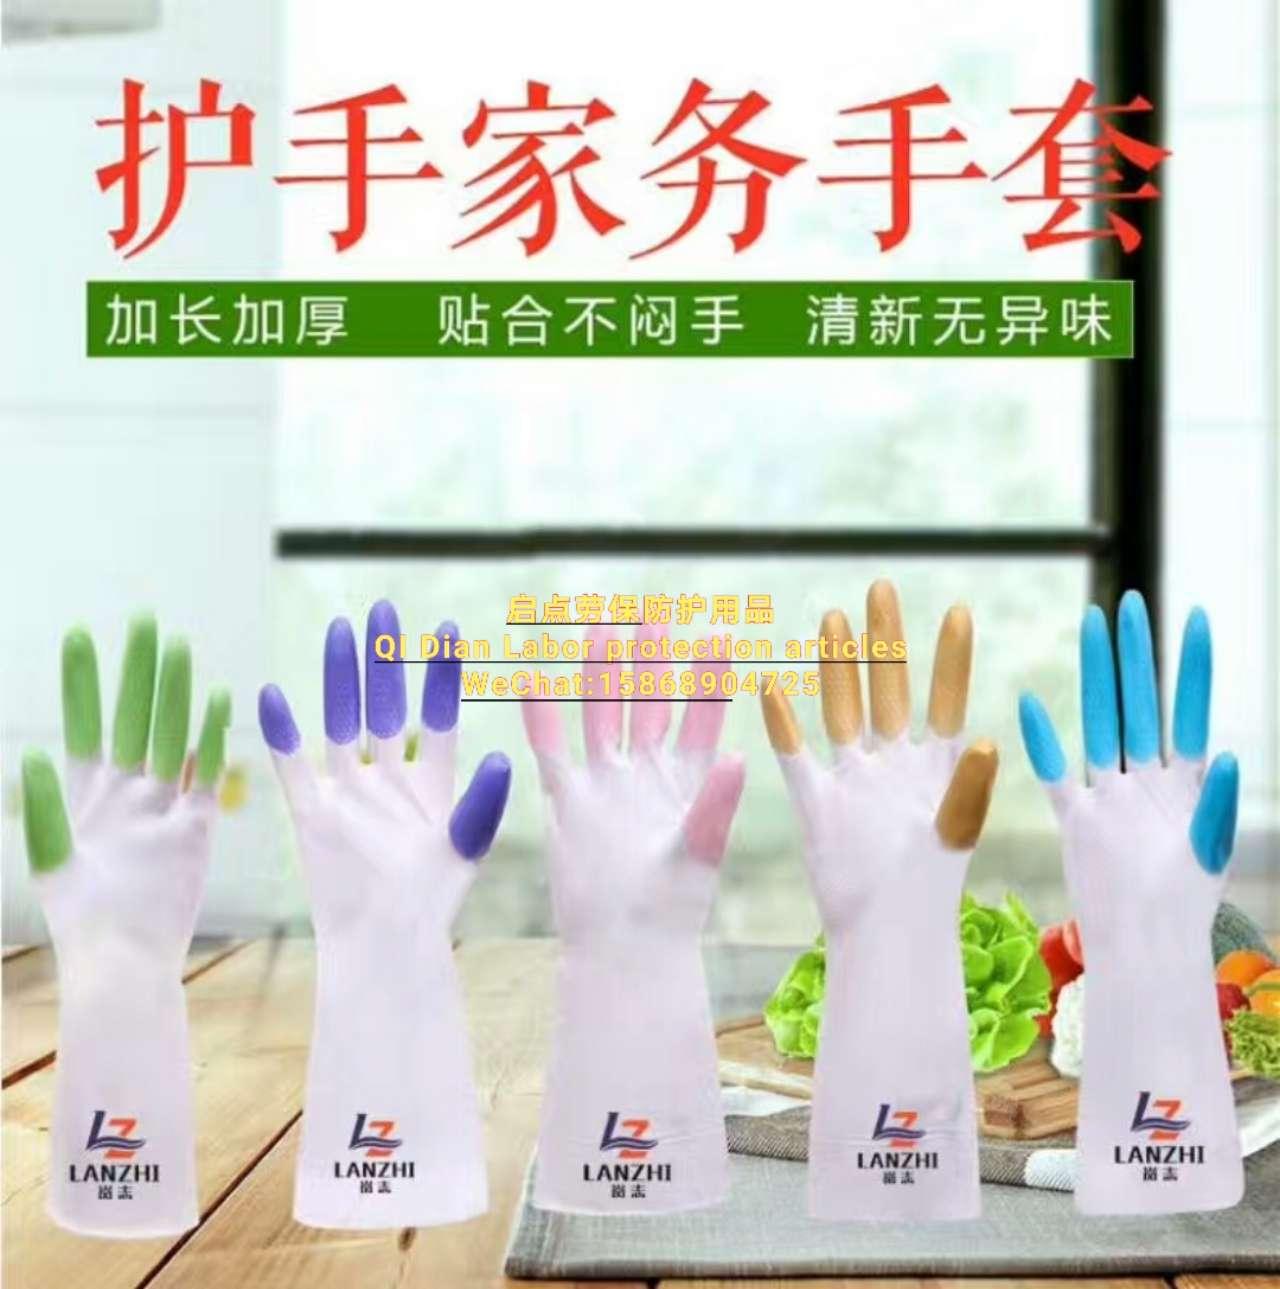 家用PVC炫彩指手套 厨房洗刷手套 透气 舒适 耐拉